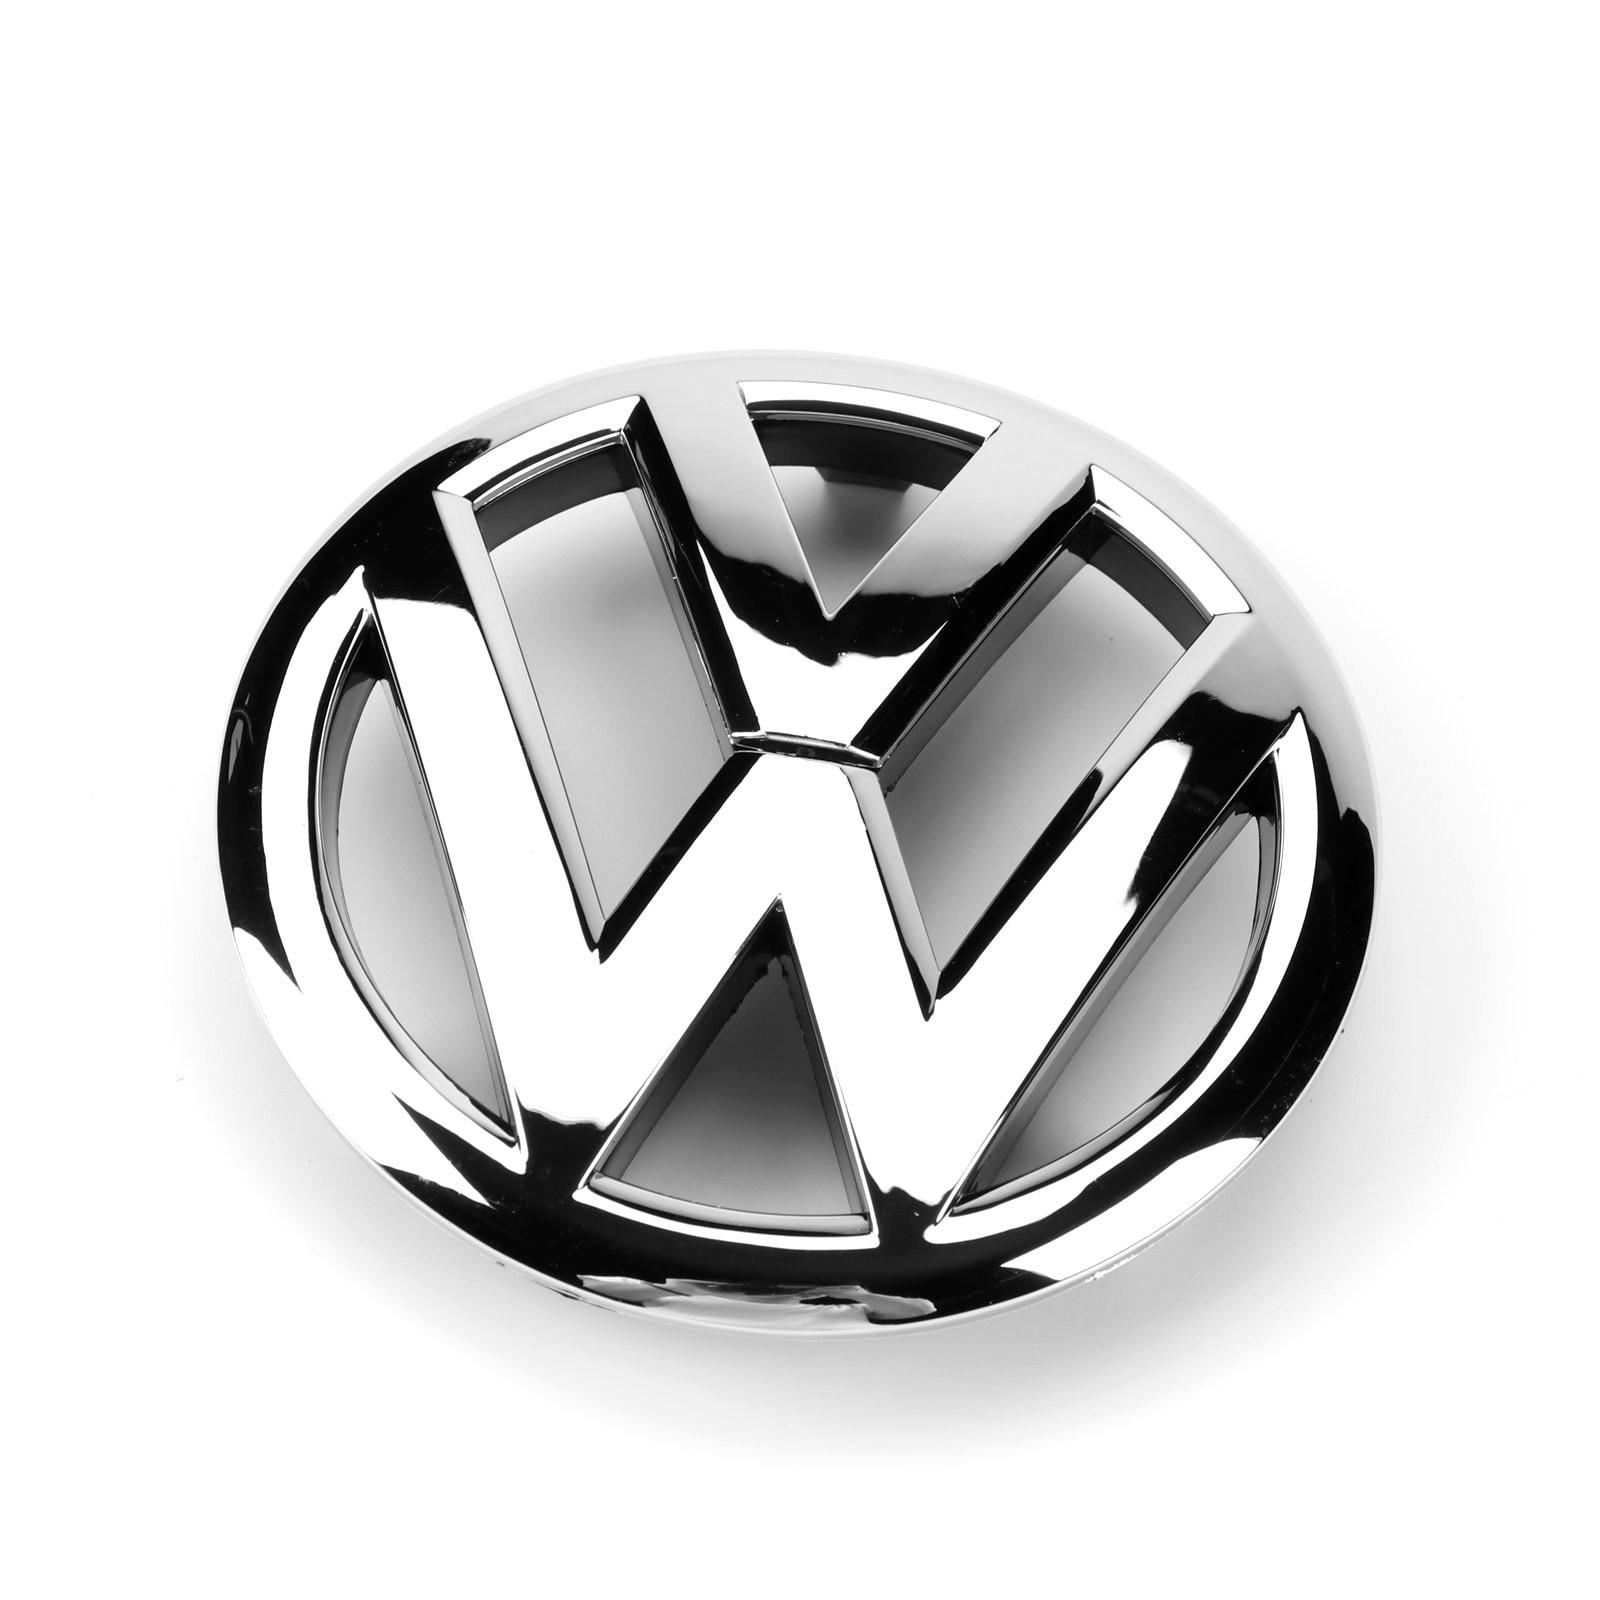 OEM 135 мм хромированная эмблема передней решетки радиатора 5K0 853 601 C автомобильные аксессуары значок Логотип Замена для VW Volkswagen Golf MK6